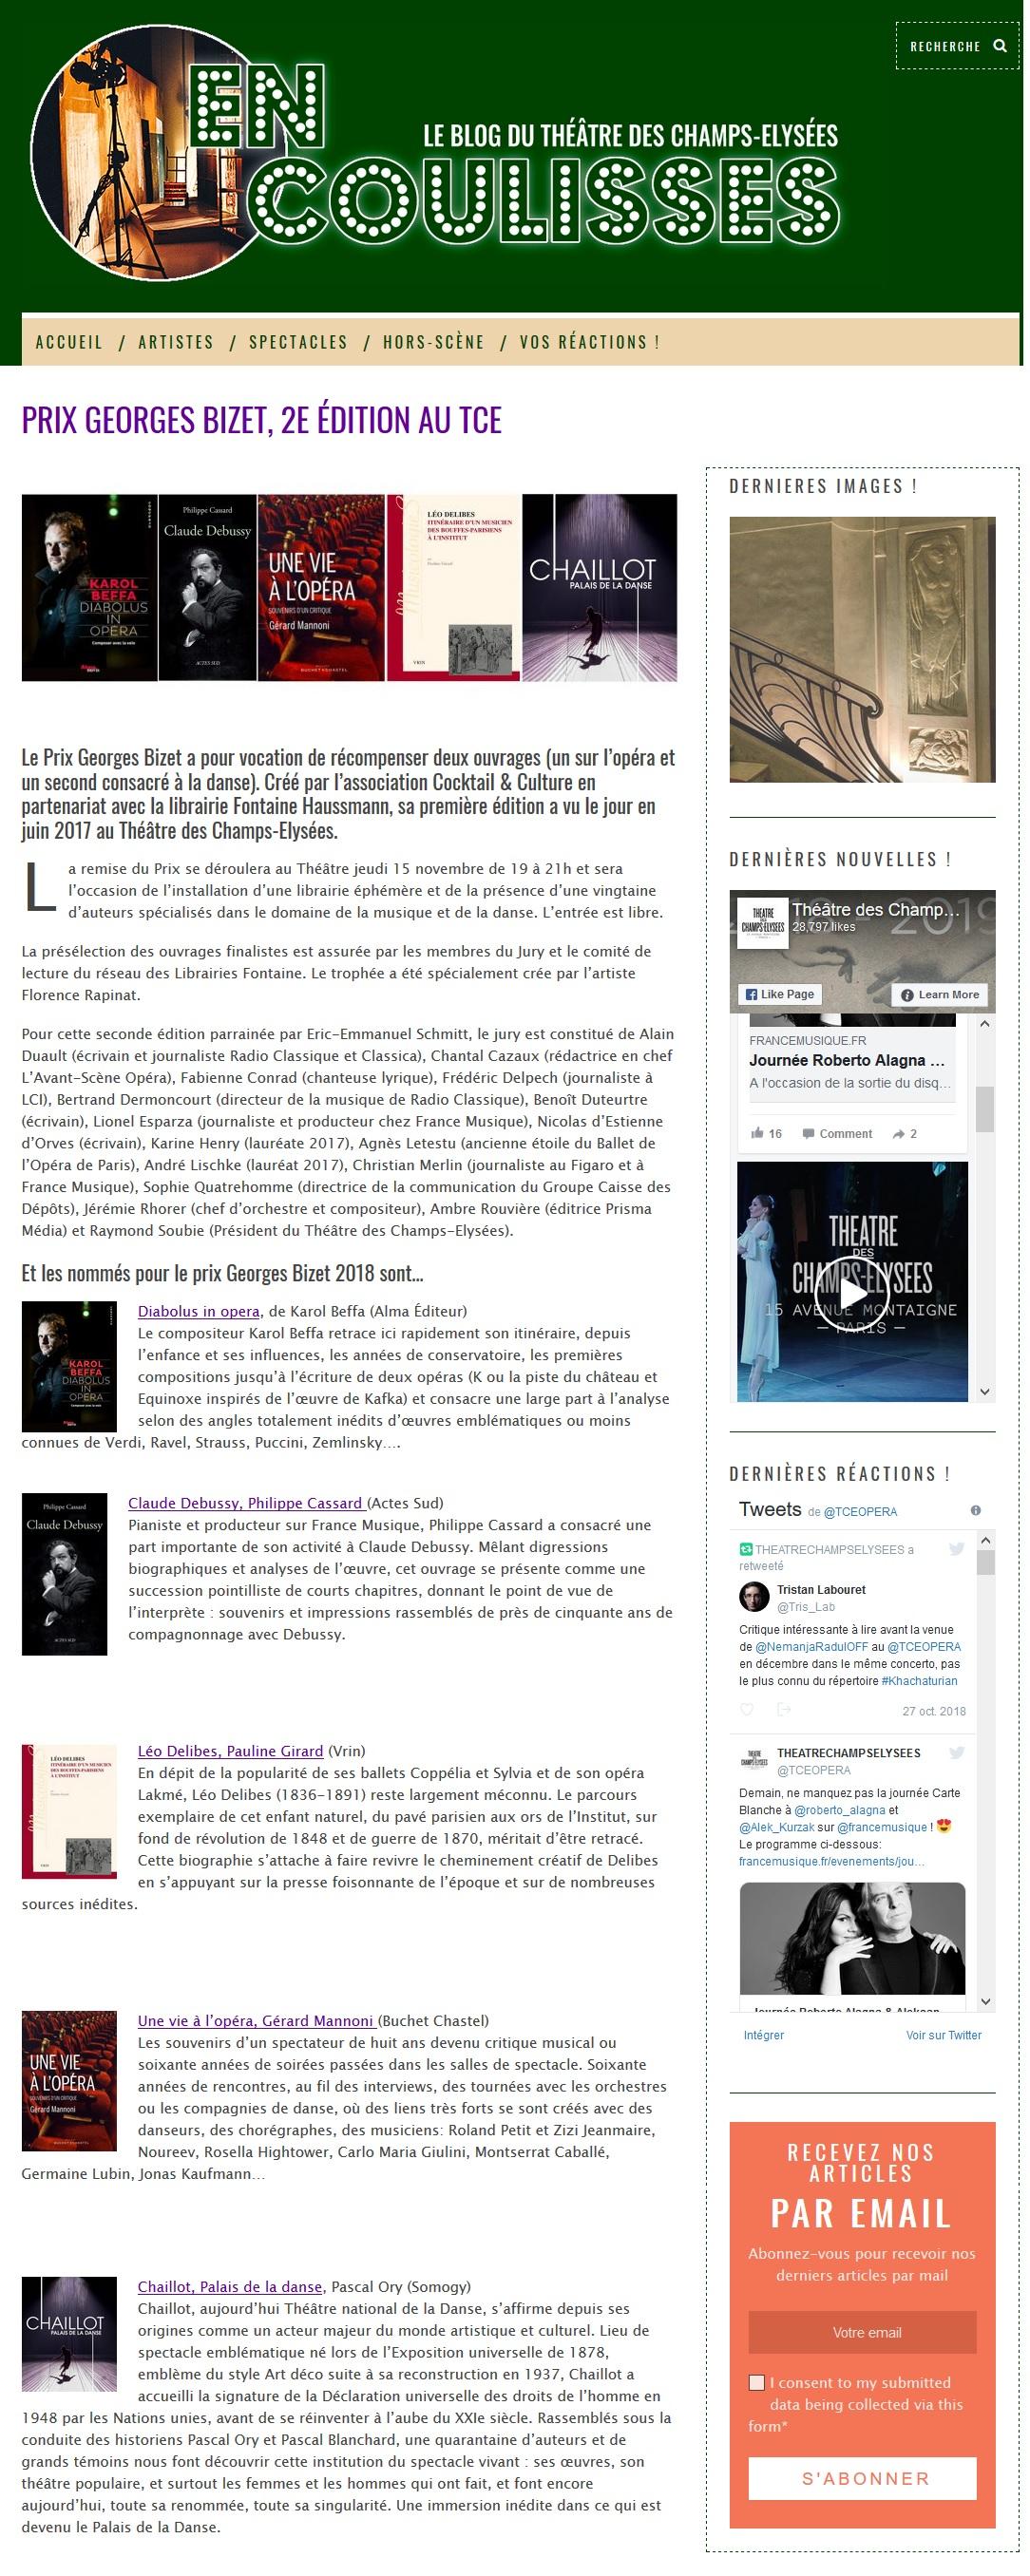 Article Blog et Newsletter Théâtre des Champs-Elysées